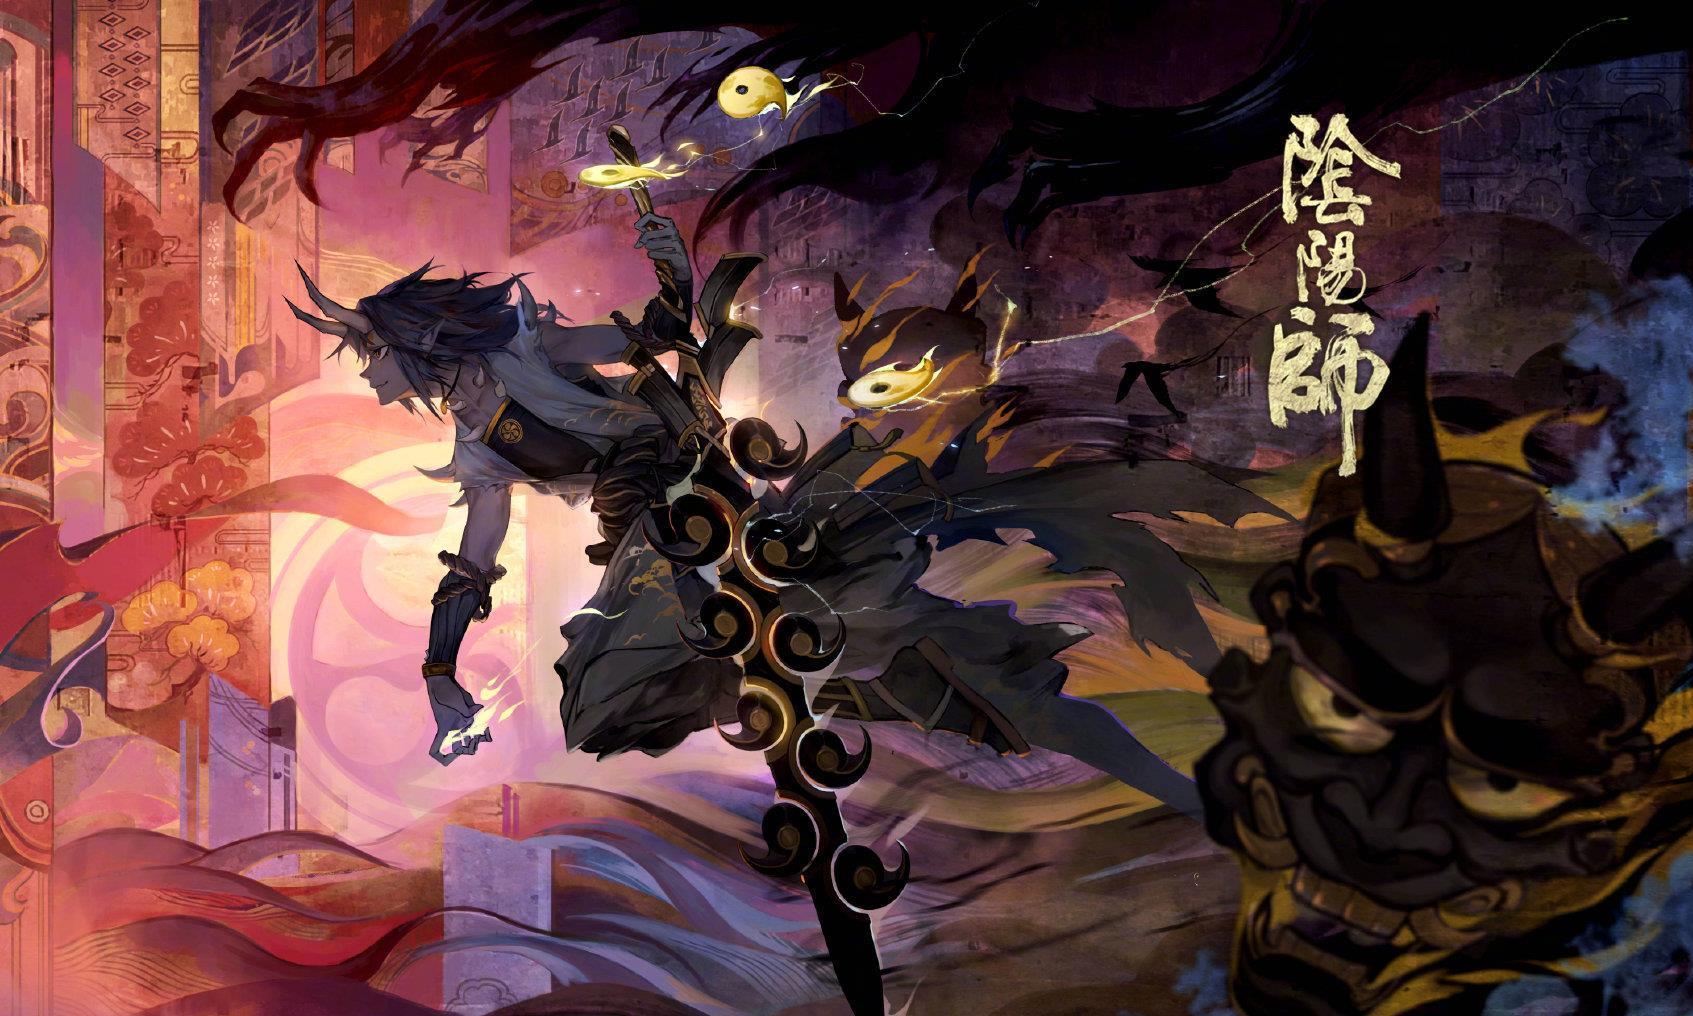 阴阳师:大岳丸武器形态各异,建模组和原画组,到底哪个正确